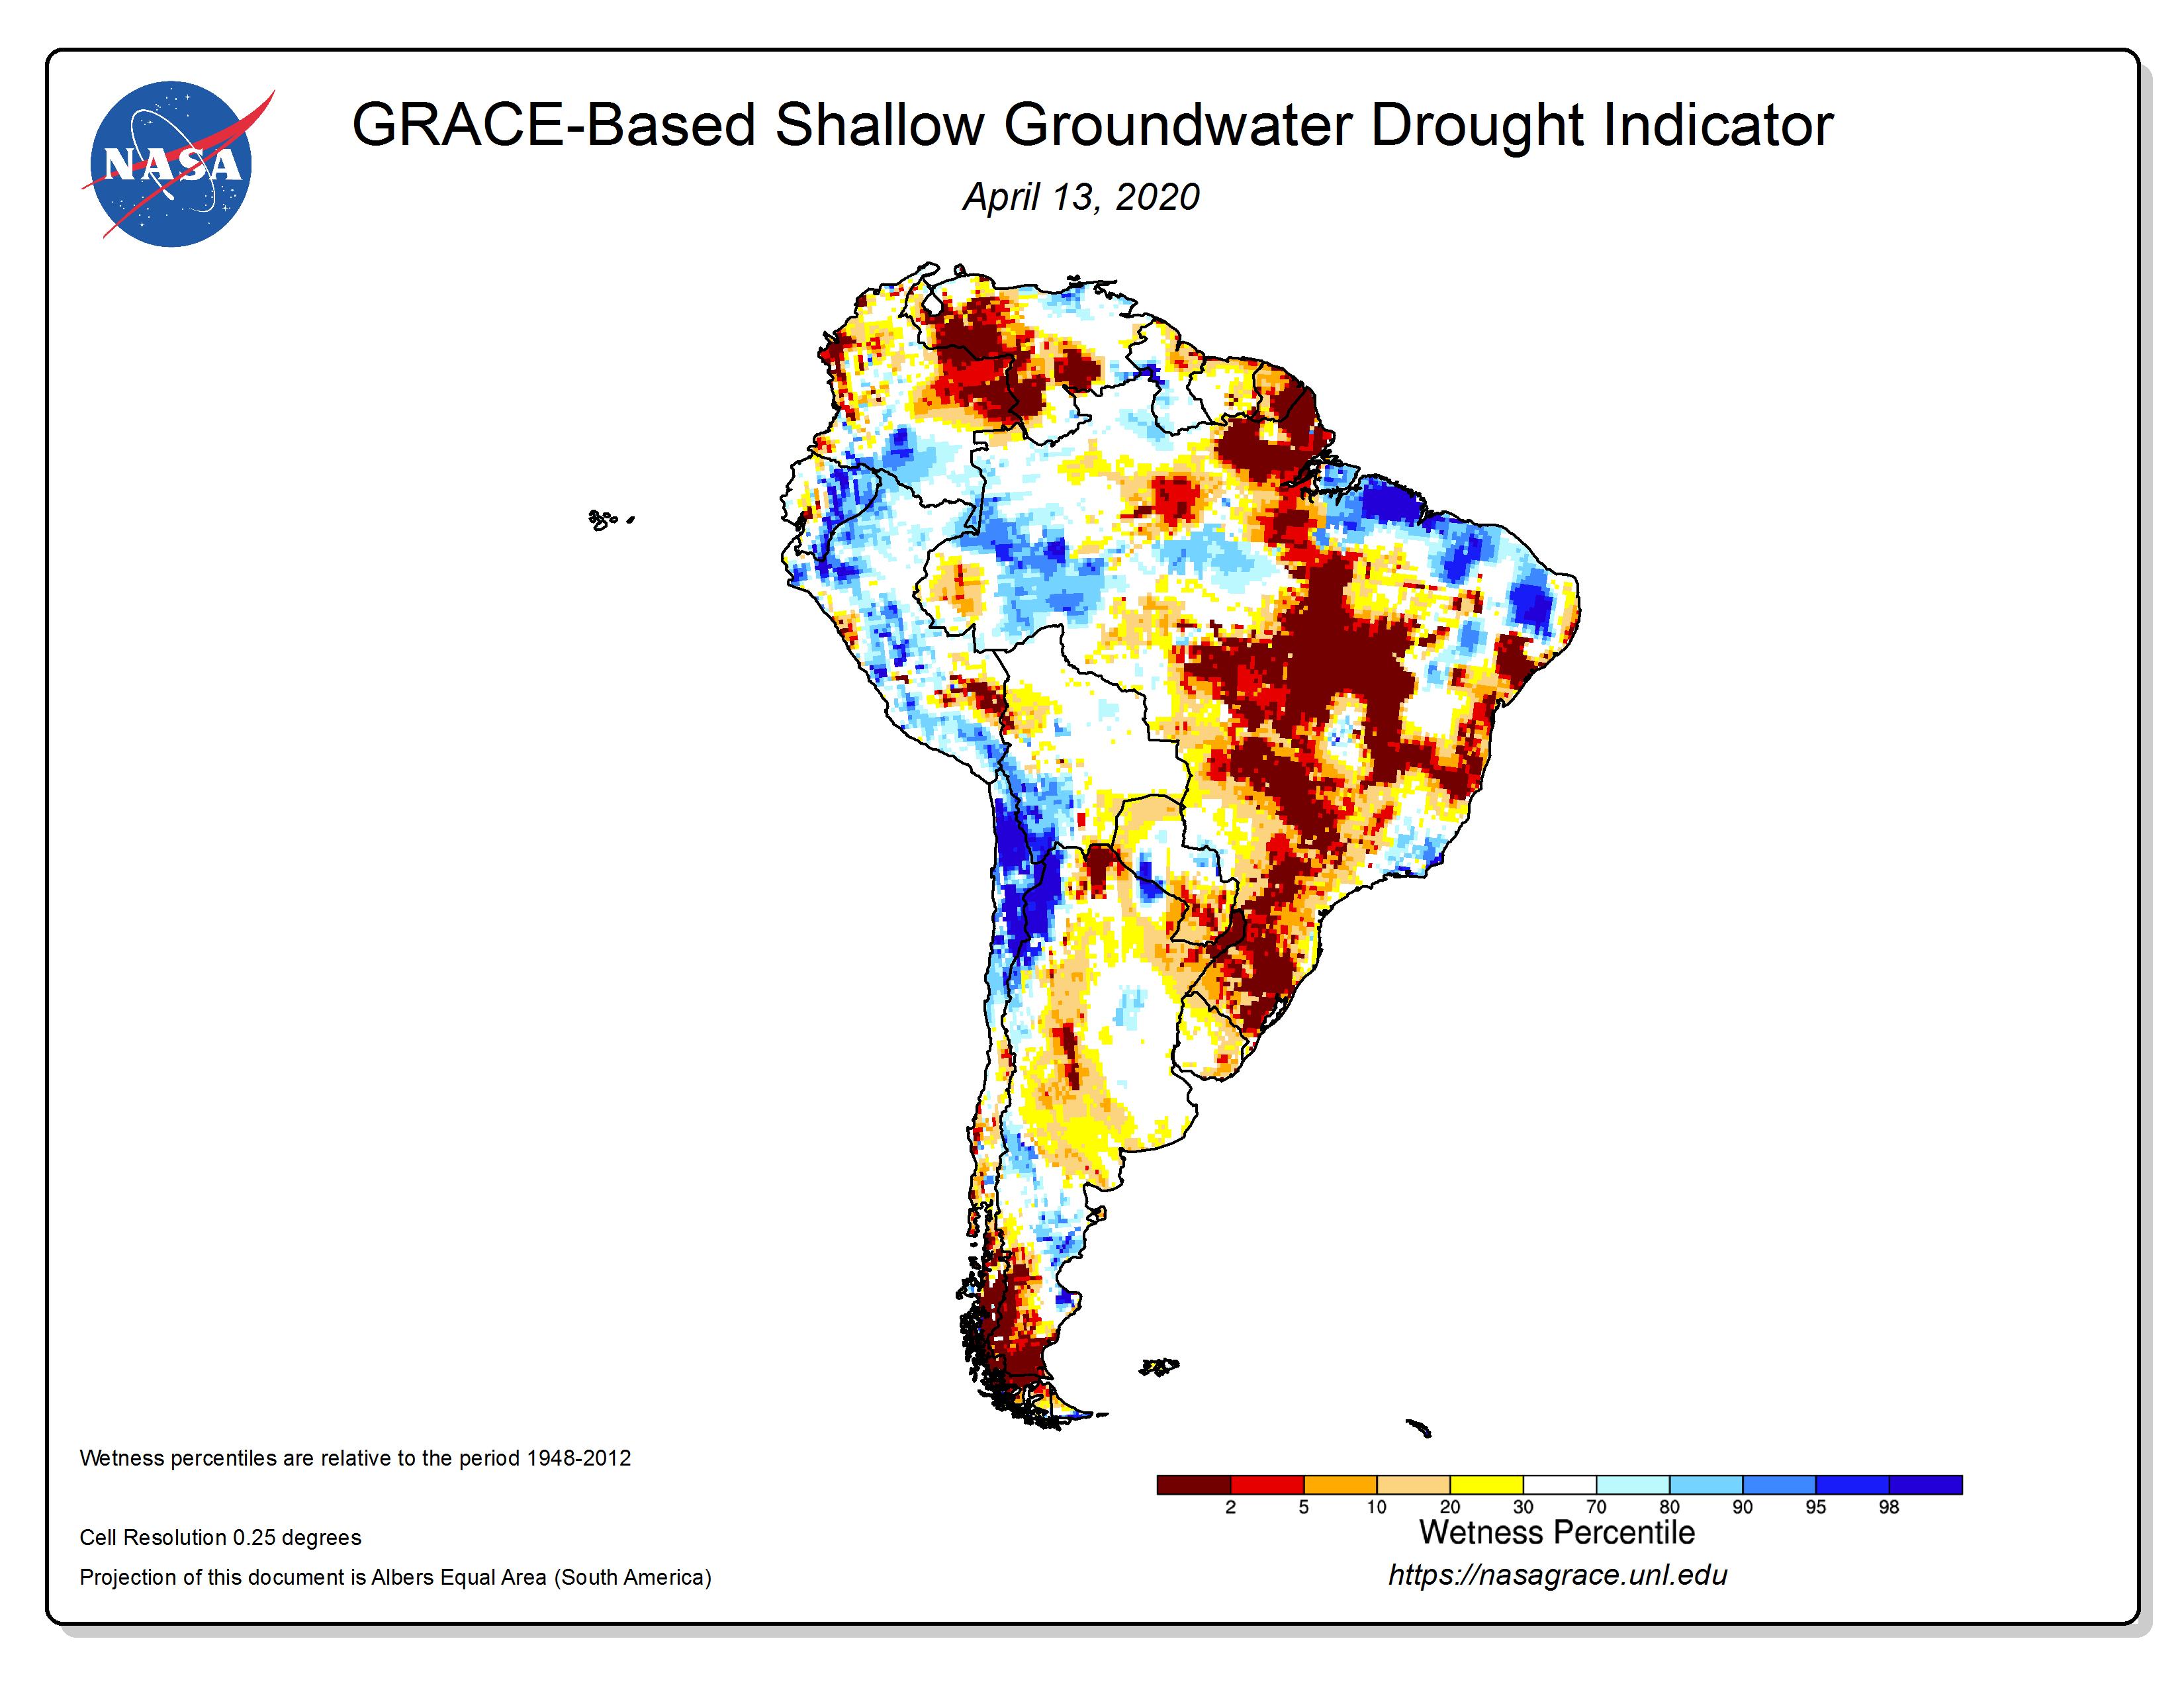 Dados dos satélites Grace, da NASA, mostram que o leste da Amazônia e o Cerrado têm muito menos águas subterrâneas armazenadas do que o normal. Dados dos aquíferos são usados para ajudar a prever secas globalmente. Imagem cortesia da NASA e do Centro Nacional dos Estados Unidos para Mitigação de Secas.